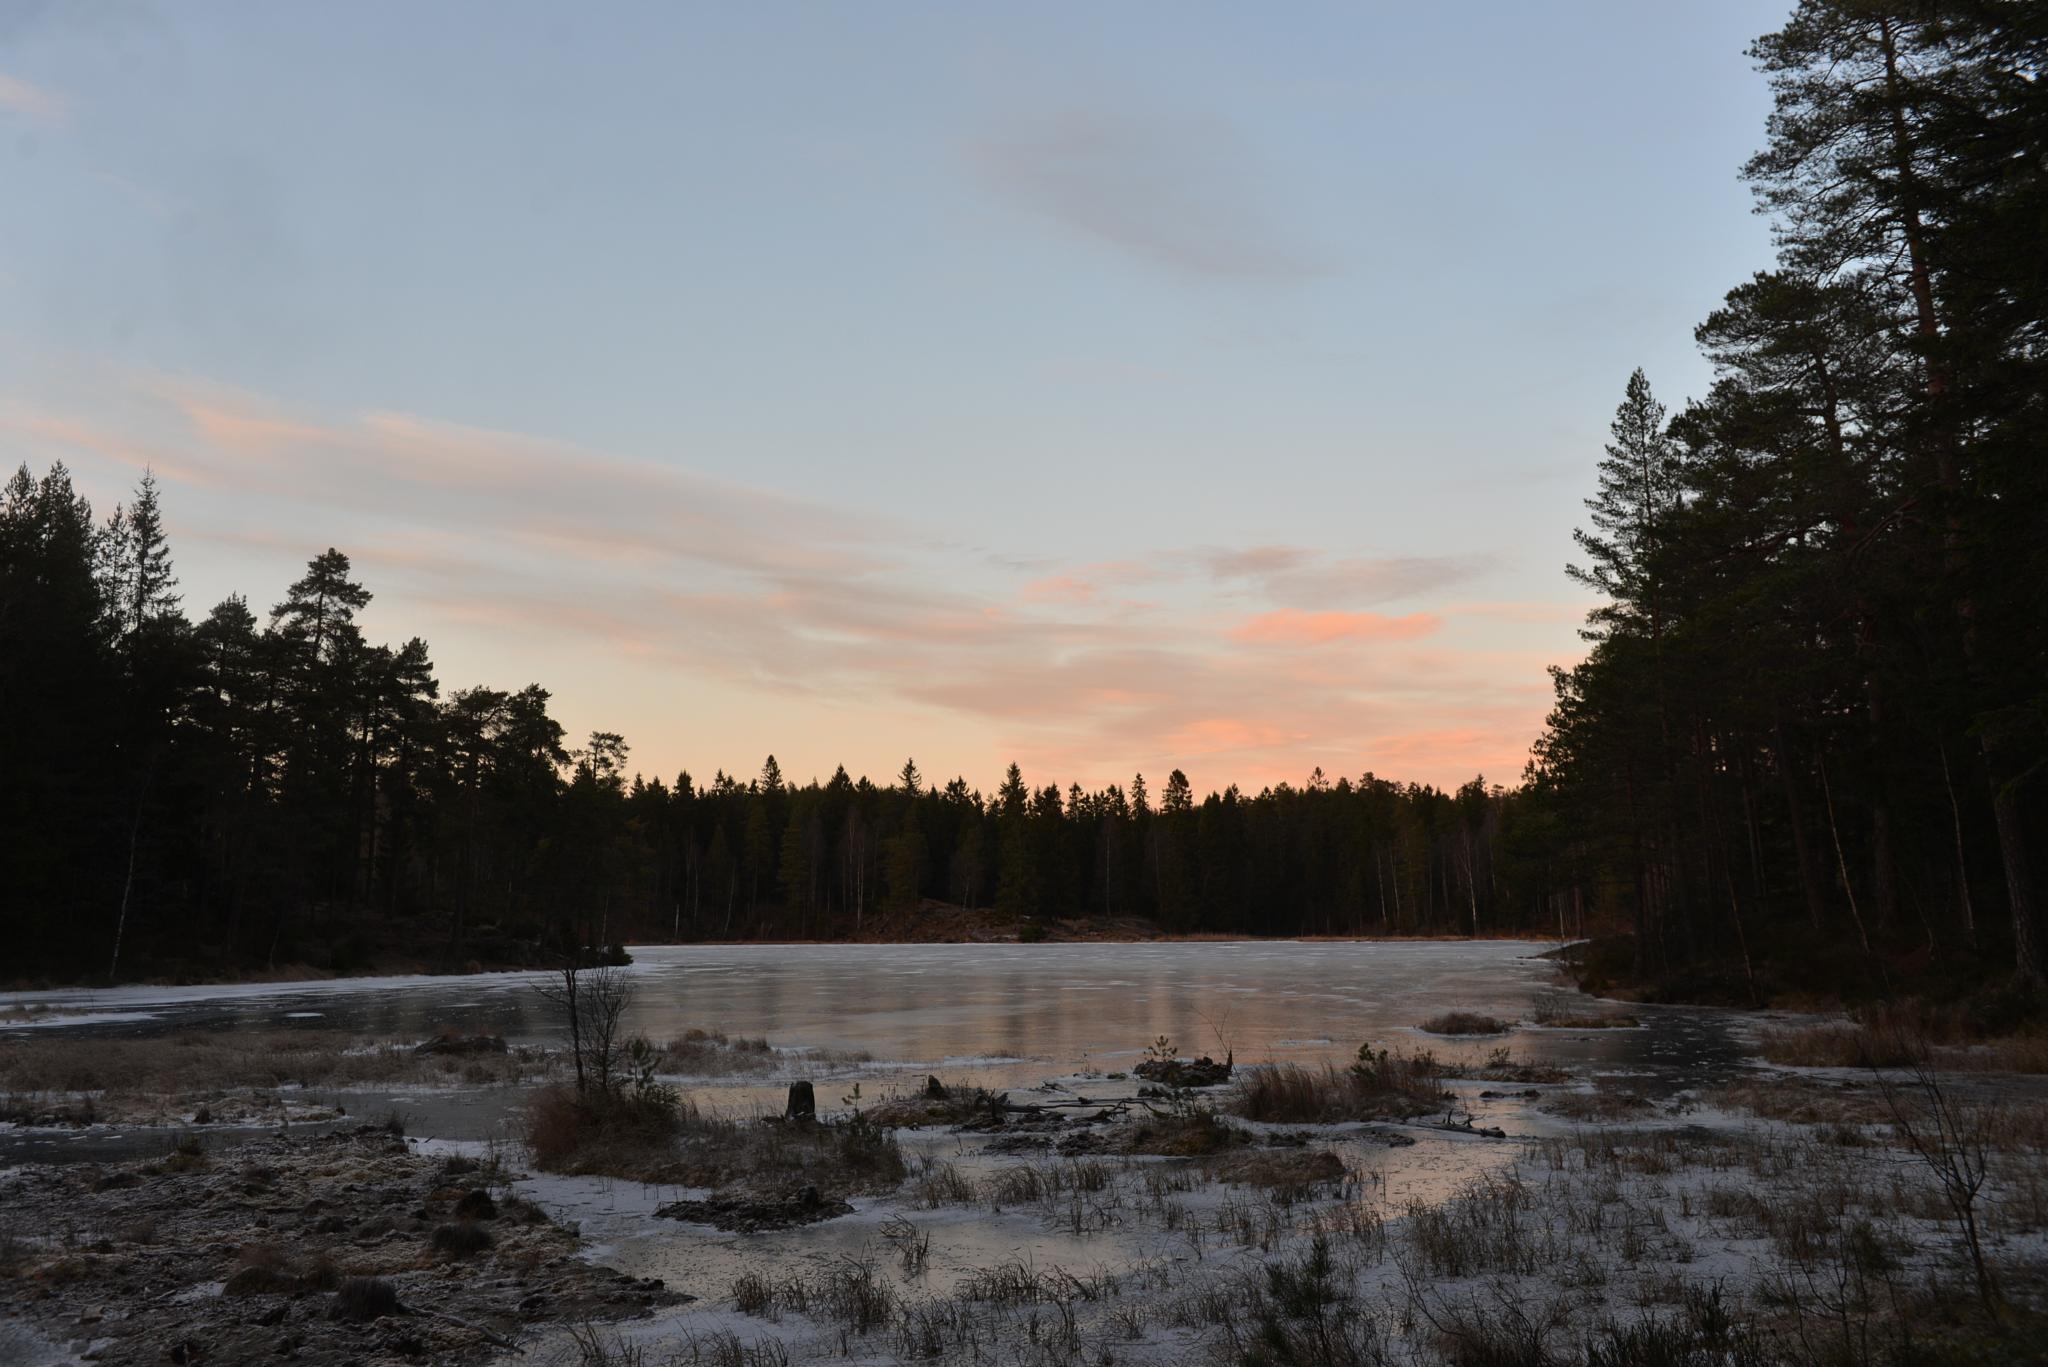 Svartkulp lake - frozen until summer by E Pedersen